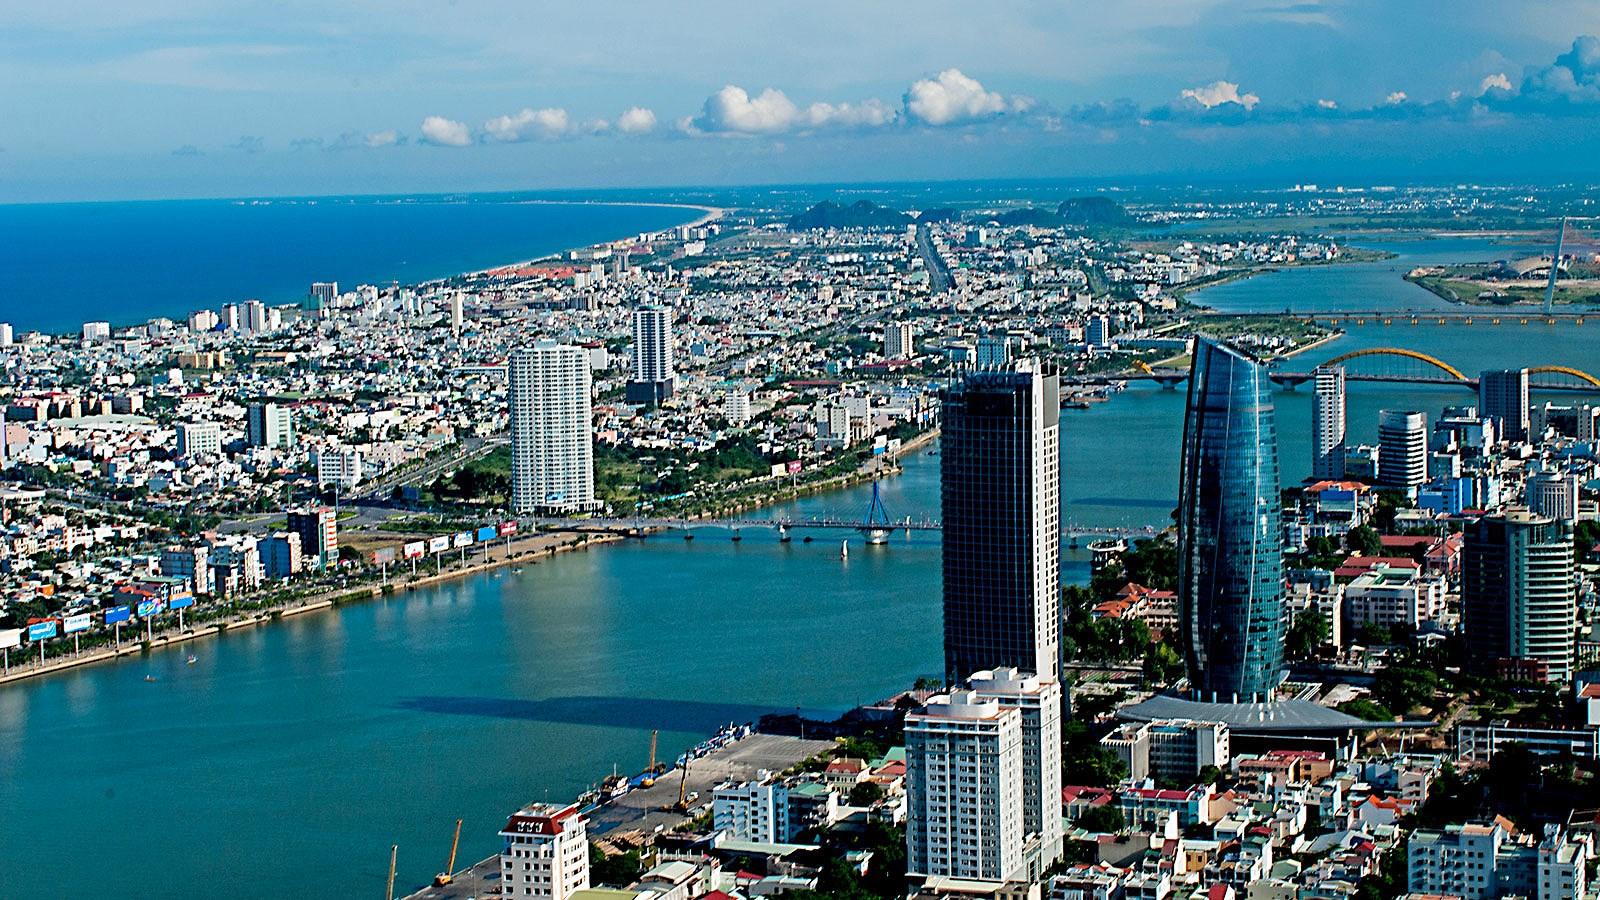 Nhà phố ven sông, biển là sản phẩm hấp dẫn nhất Đà Nẵng